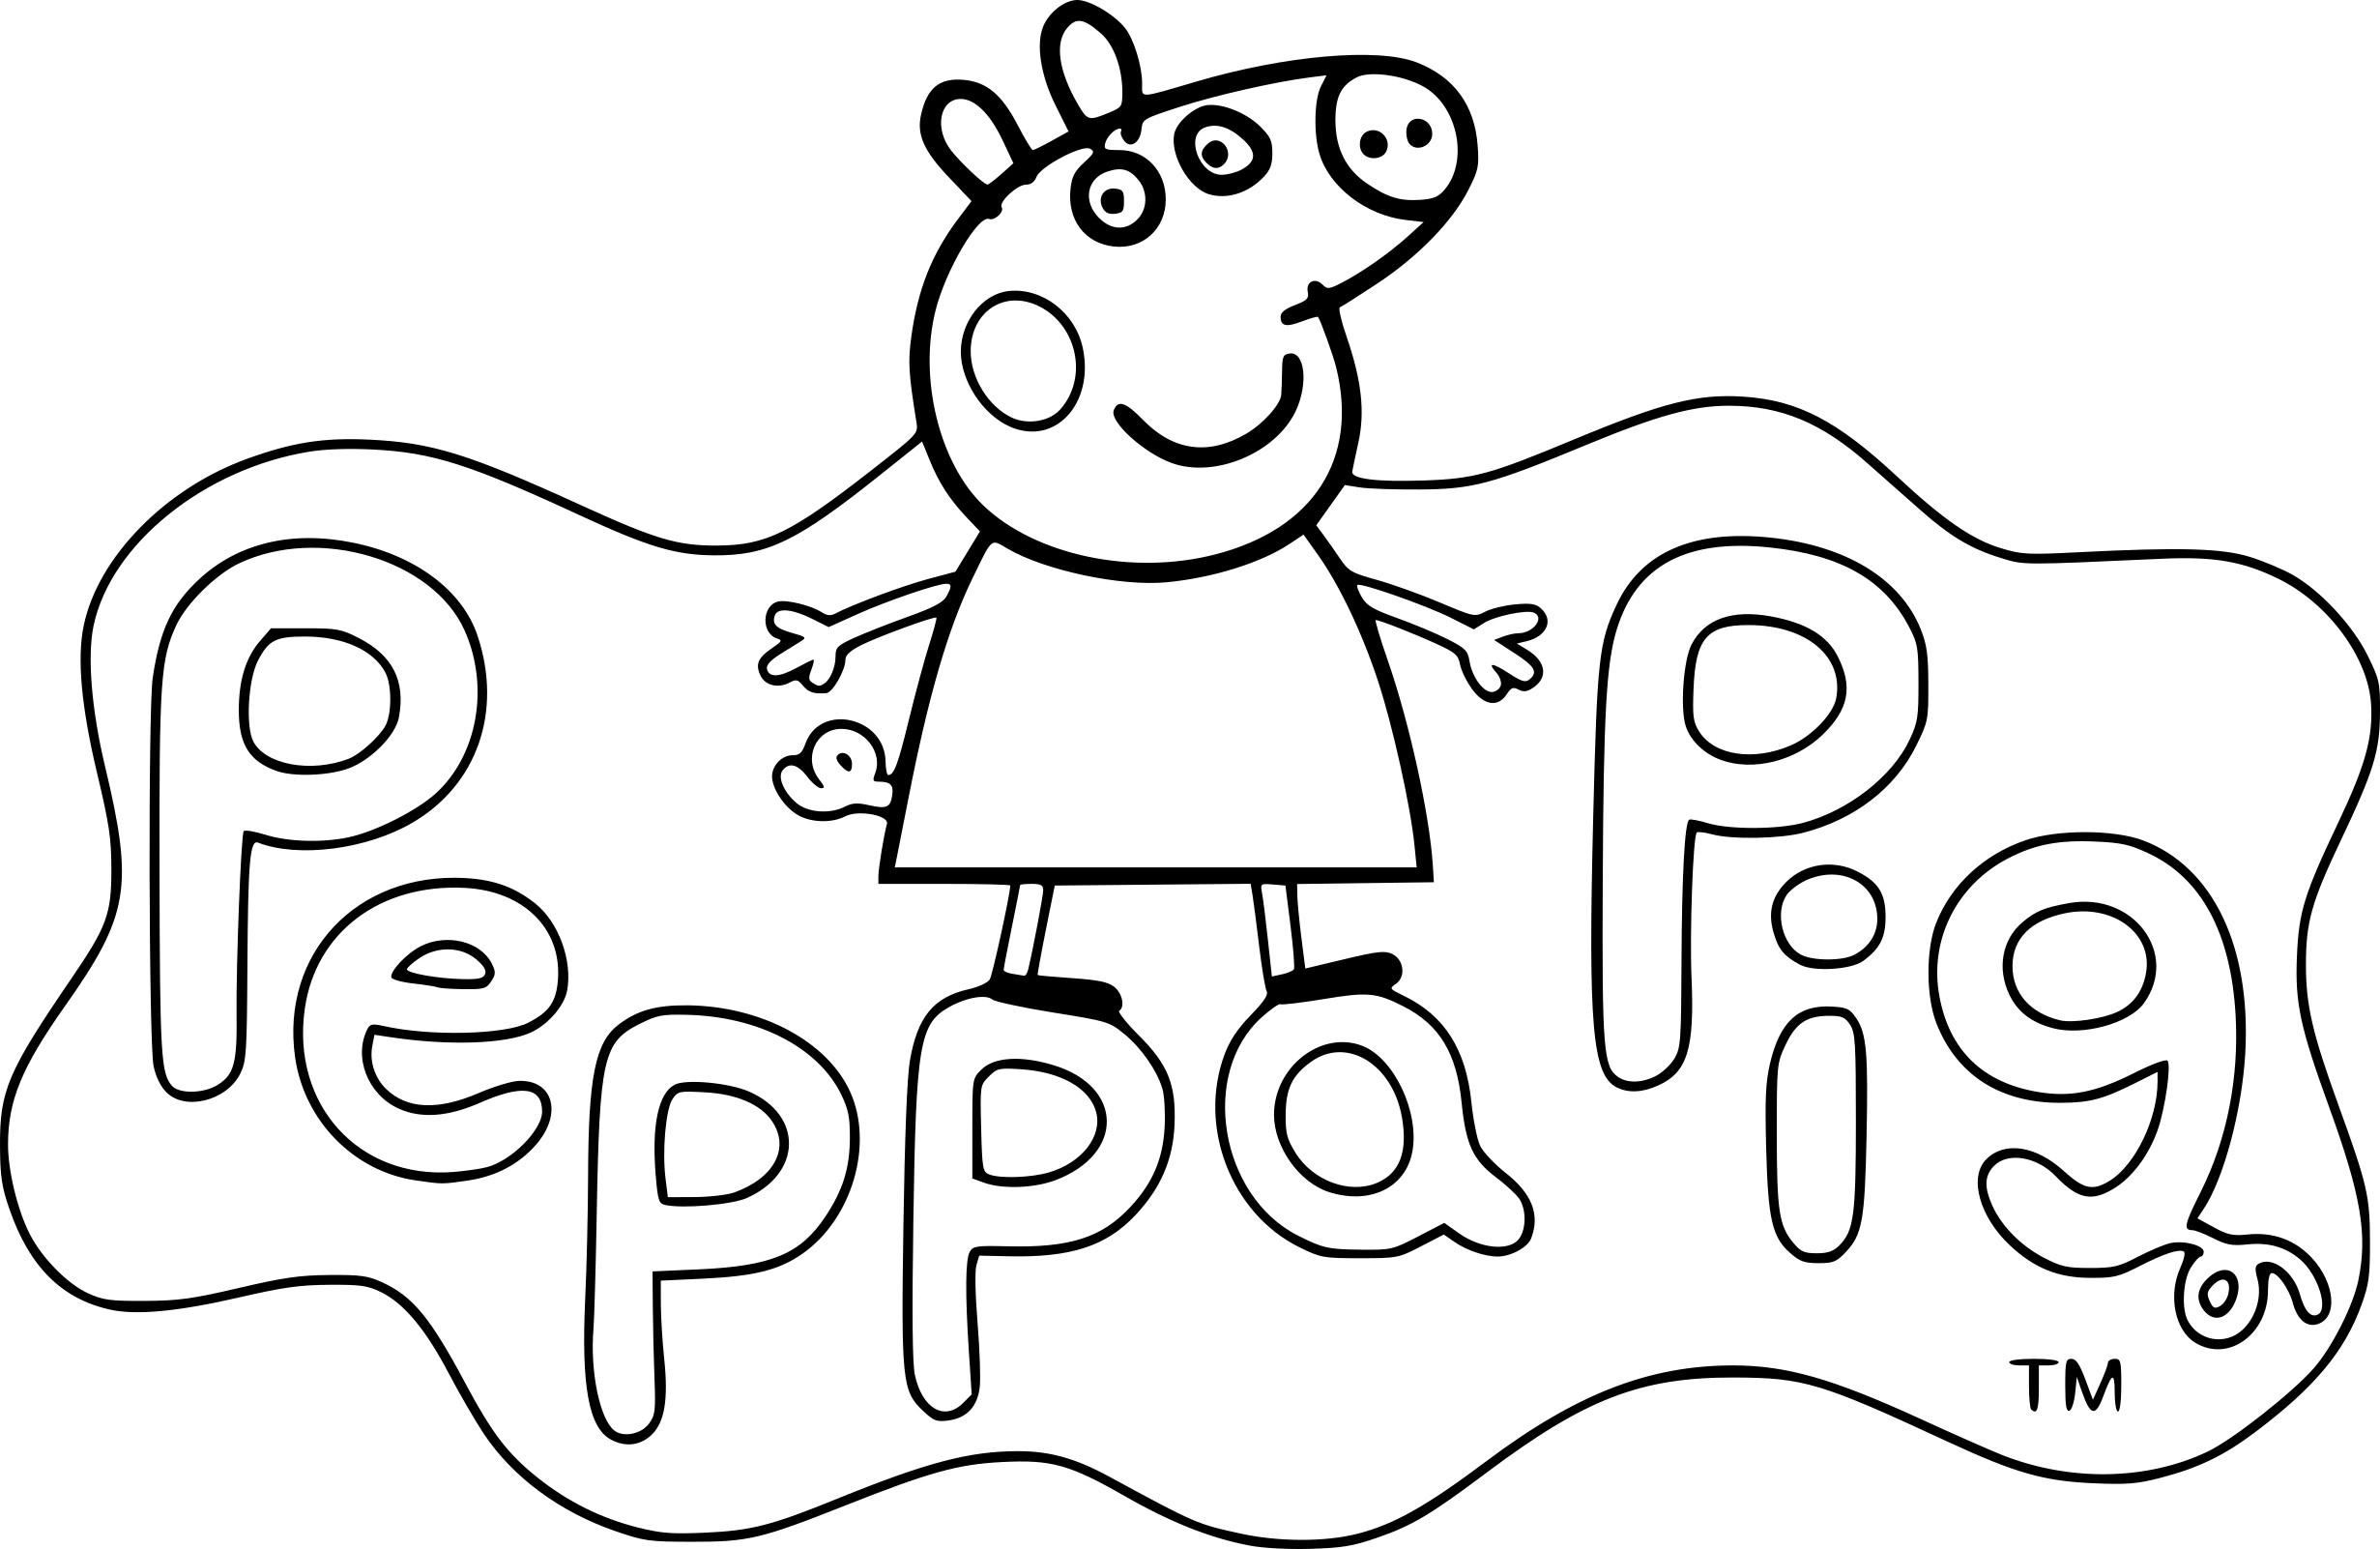 Coloriage Peppa Pig Dessin À Imprimer Sur Coloriages pour Peppa Pig A Colorier